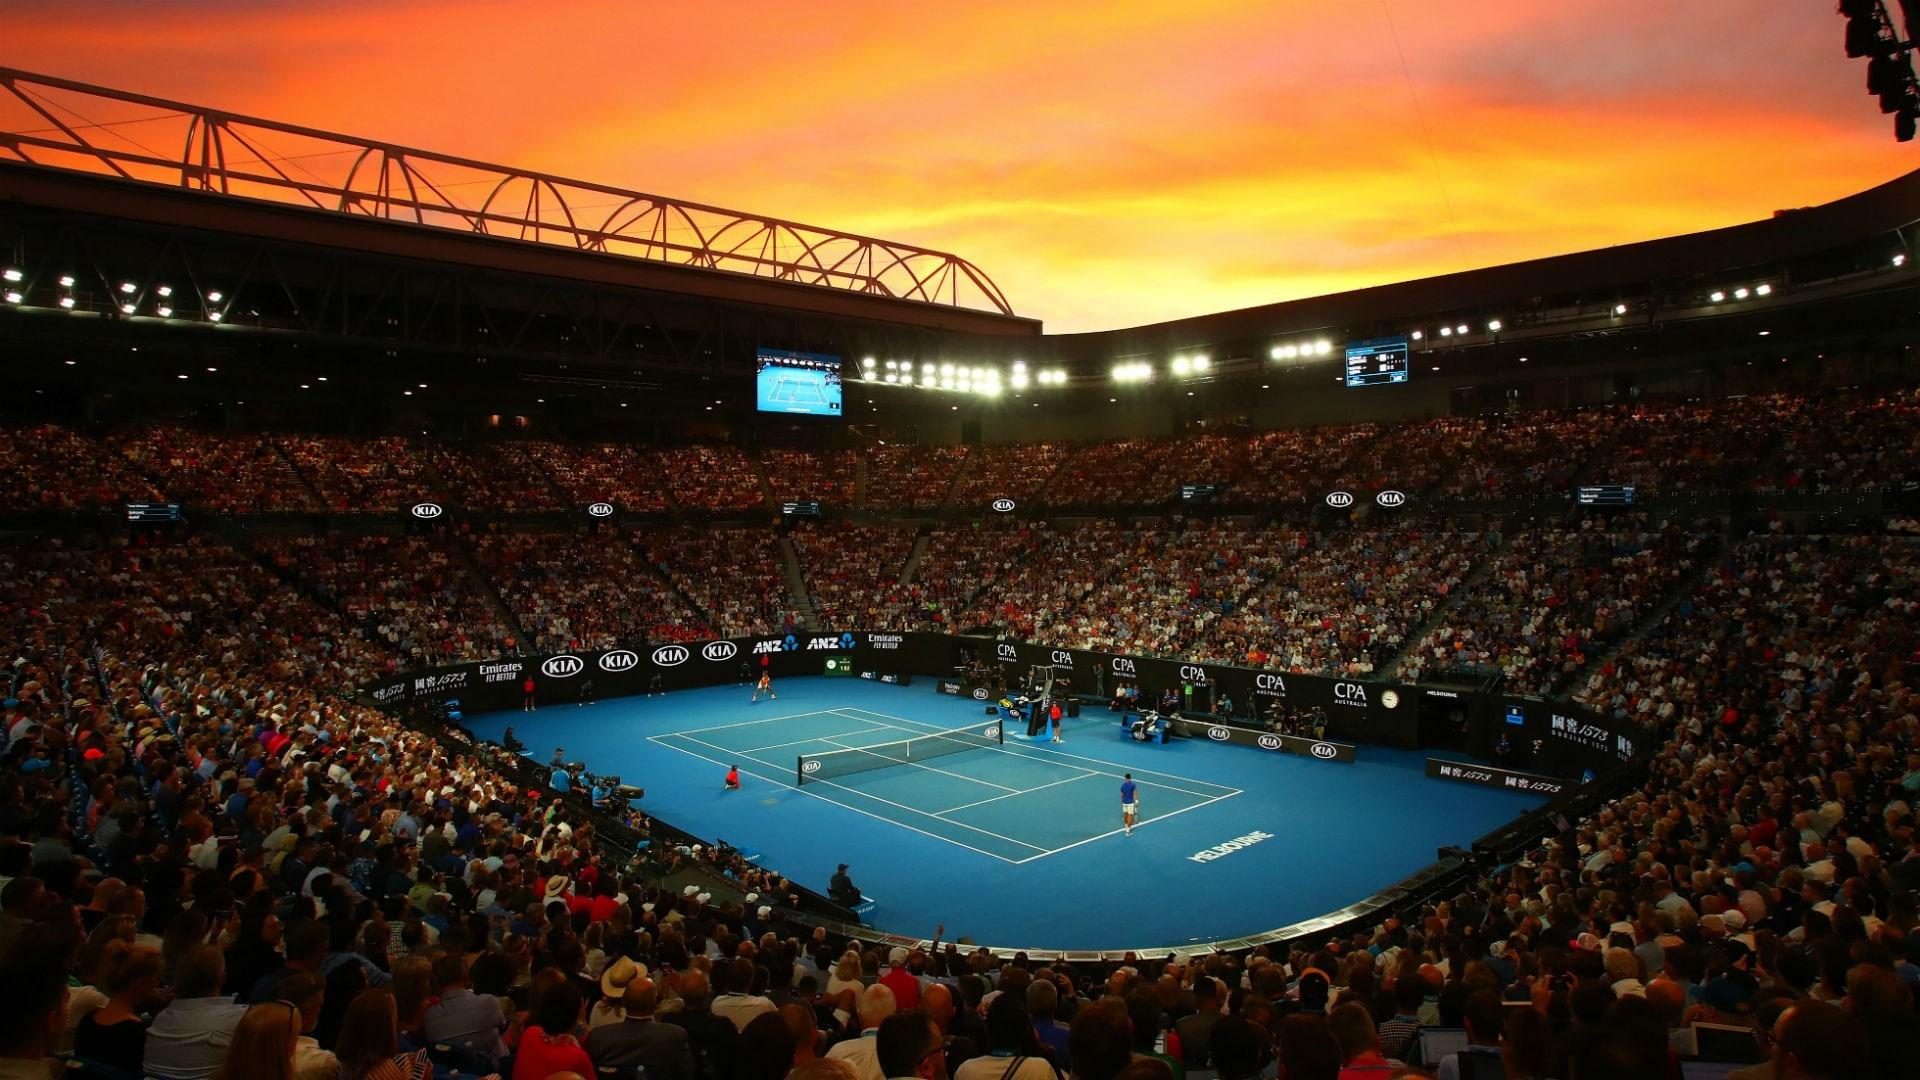 بطولة أستراليا للتنس: حضور 30 ألف متفرج!